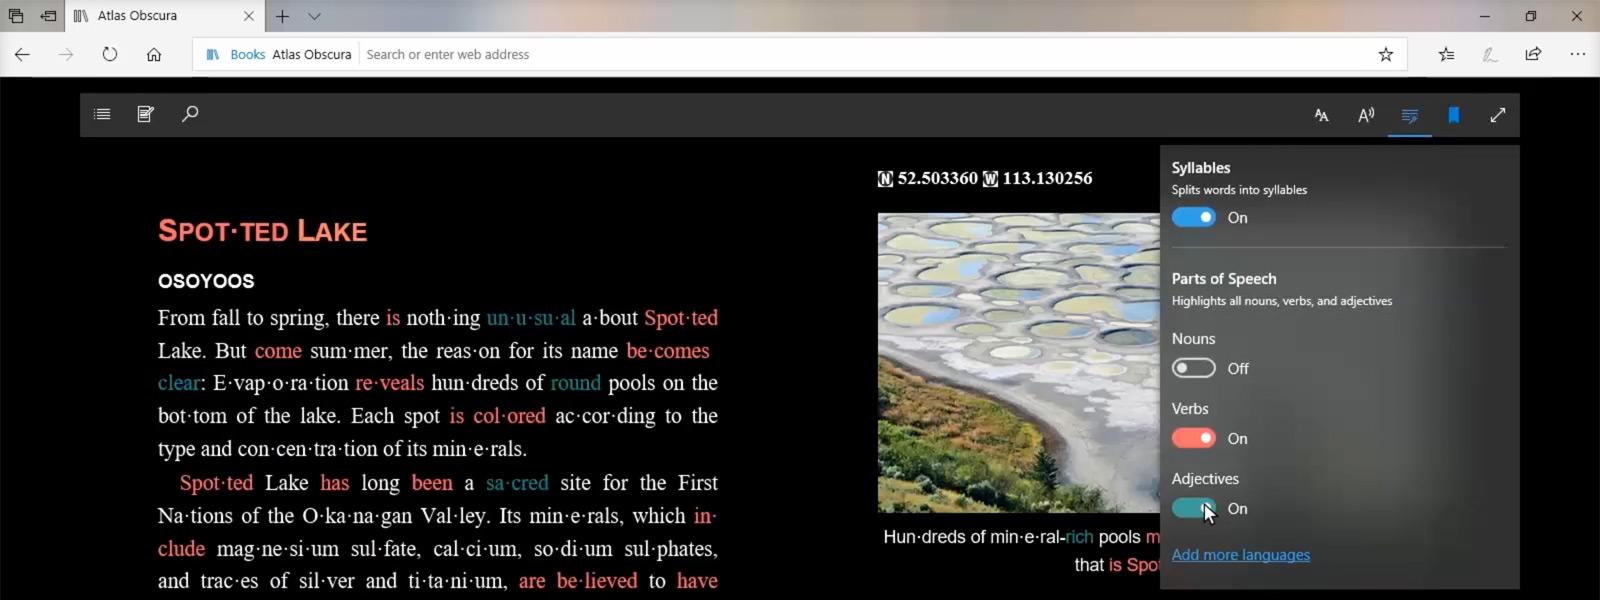 Mokomųjų įrankių funkcijos ekrano vaizdas, kuriame matomi rodomame tinklalapyje paryškinti daiktavardžiai, veiksmažodžiai ir būdvardžiai